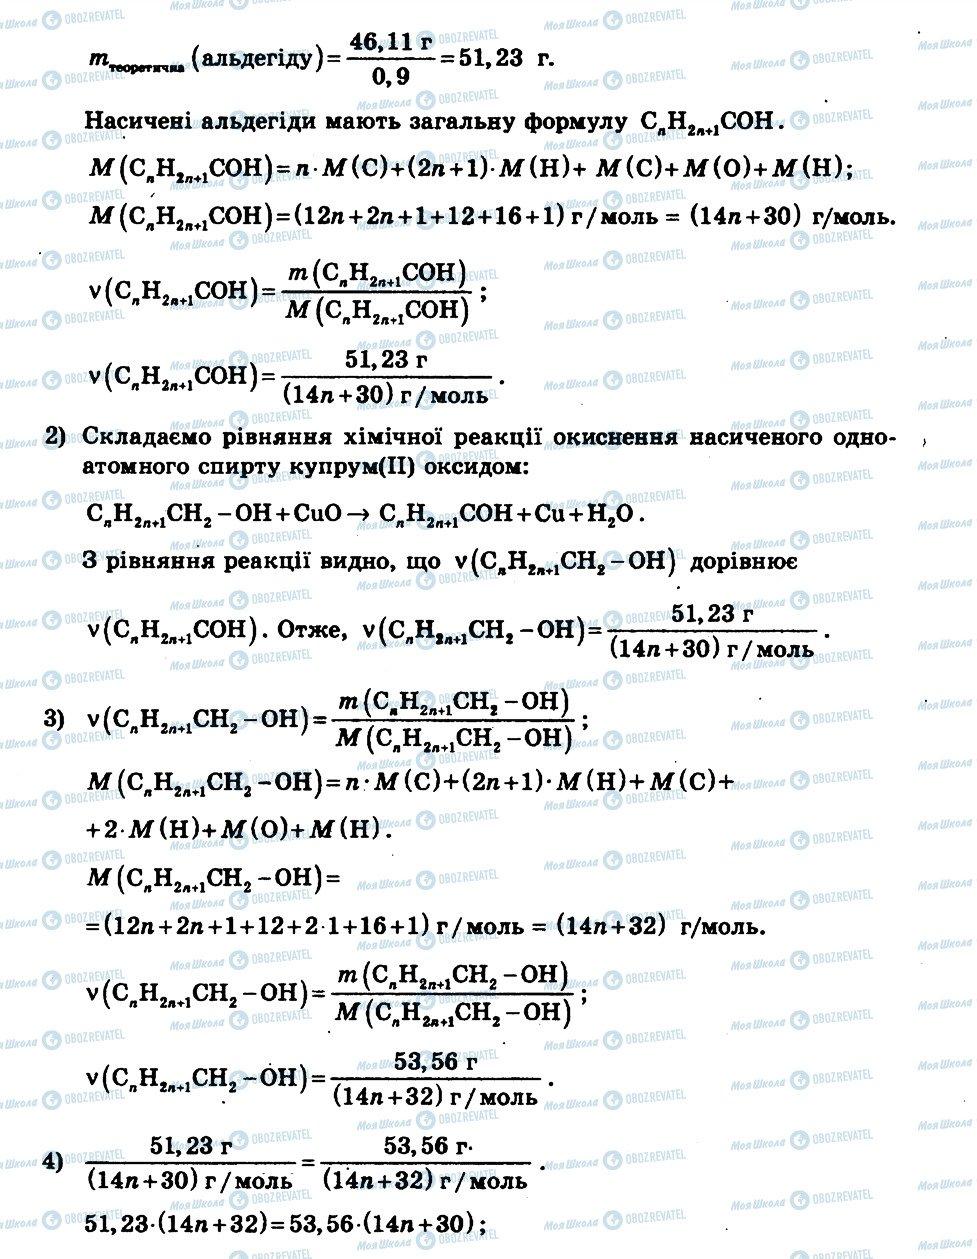 ГДЗ Хімія 11 клас сторінка КР4